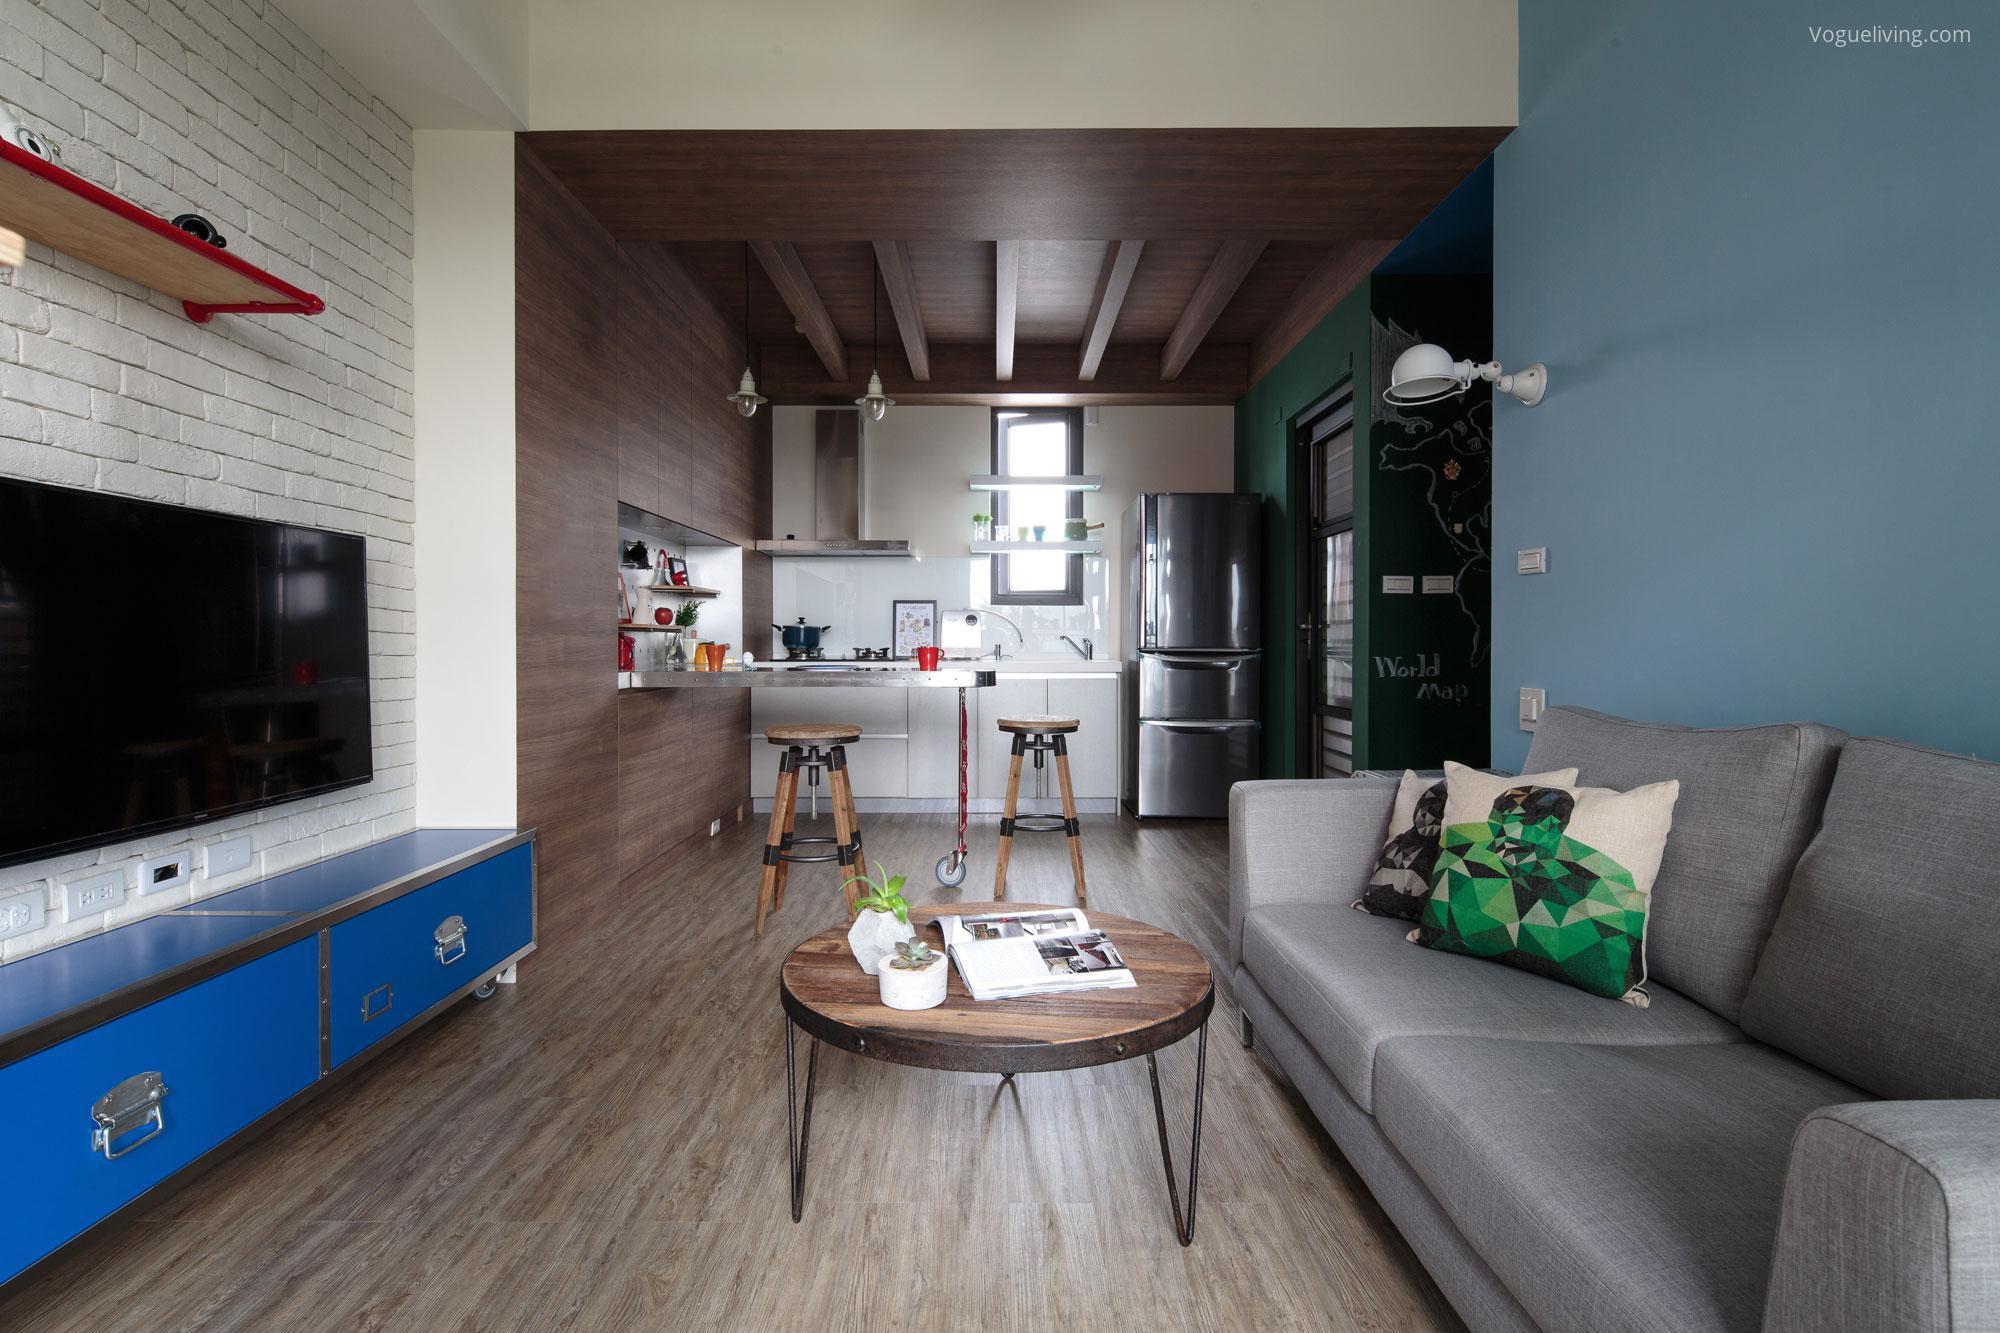 loftszerű berendezés // HOMEINFO.hu - Inspirációtár